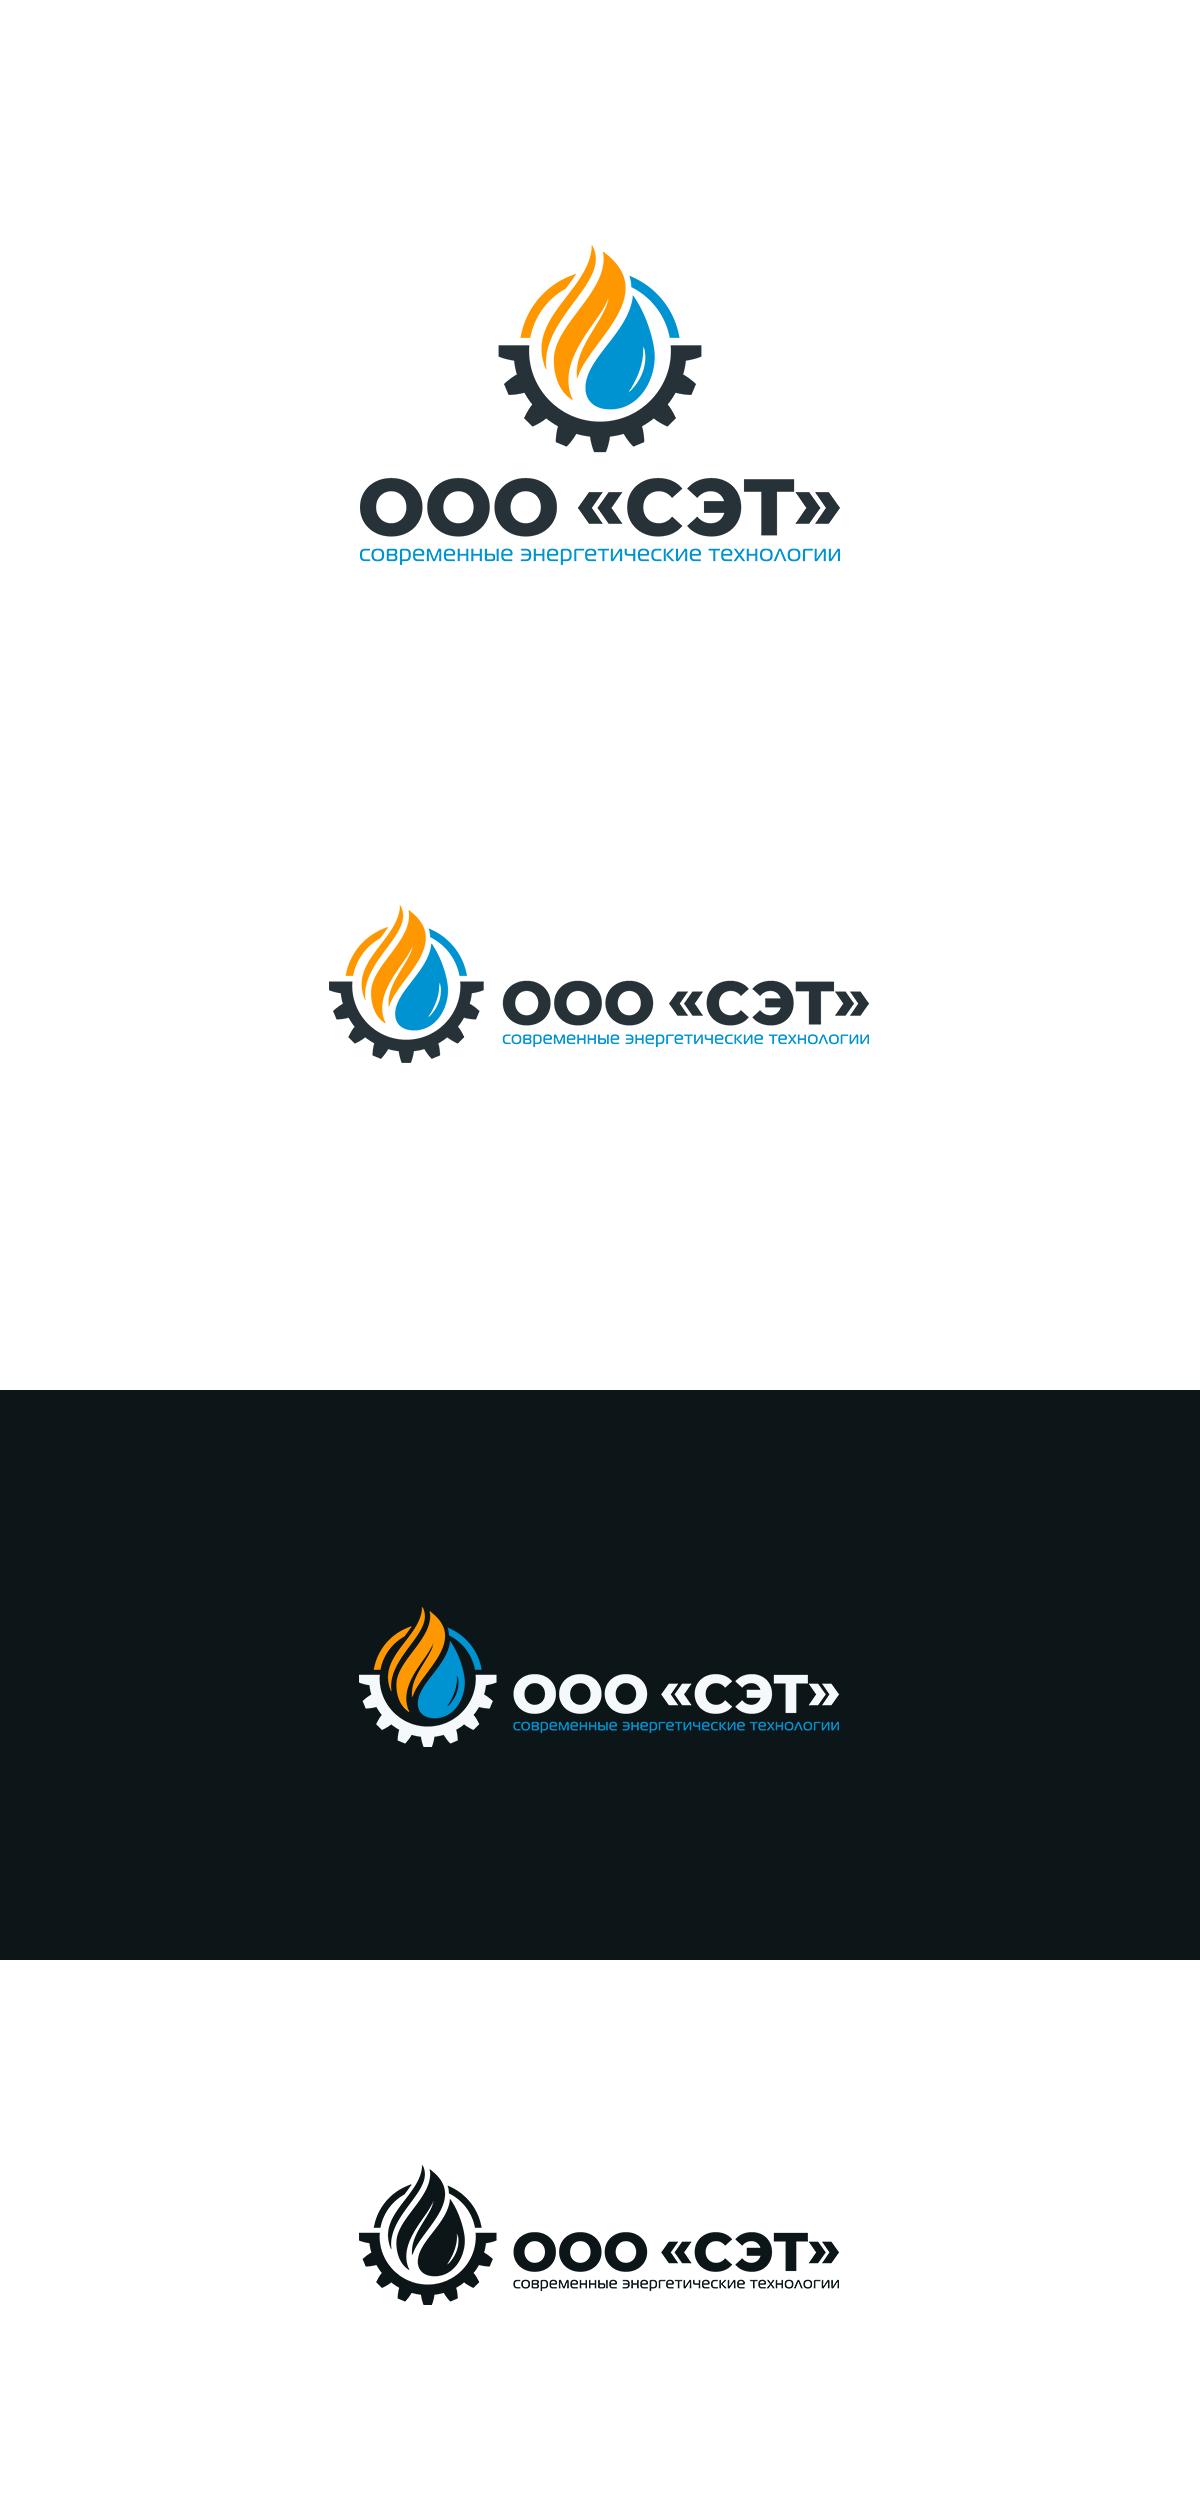 Срочно! Дизайн логотипа ООО «СЭТ» фото f_1985d516cfb5a2bc.png